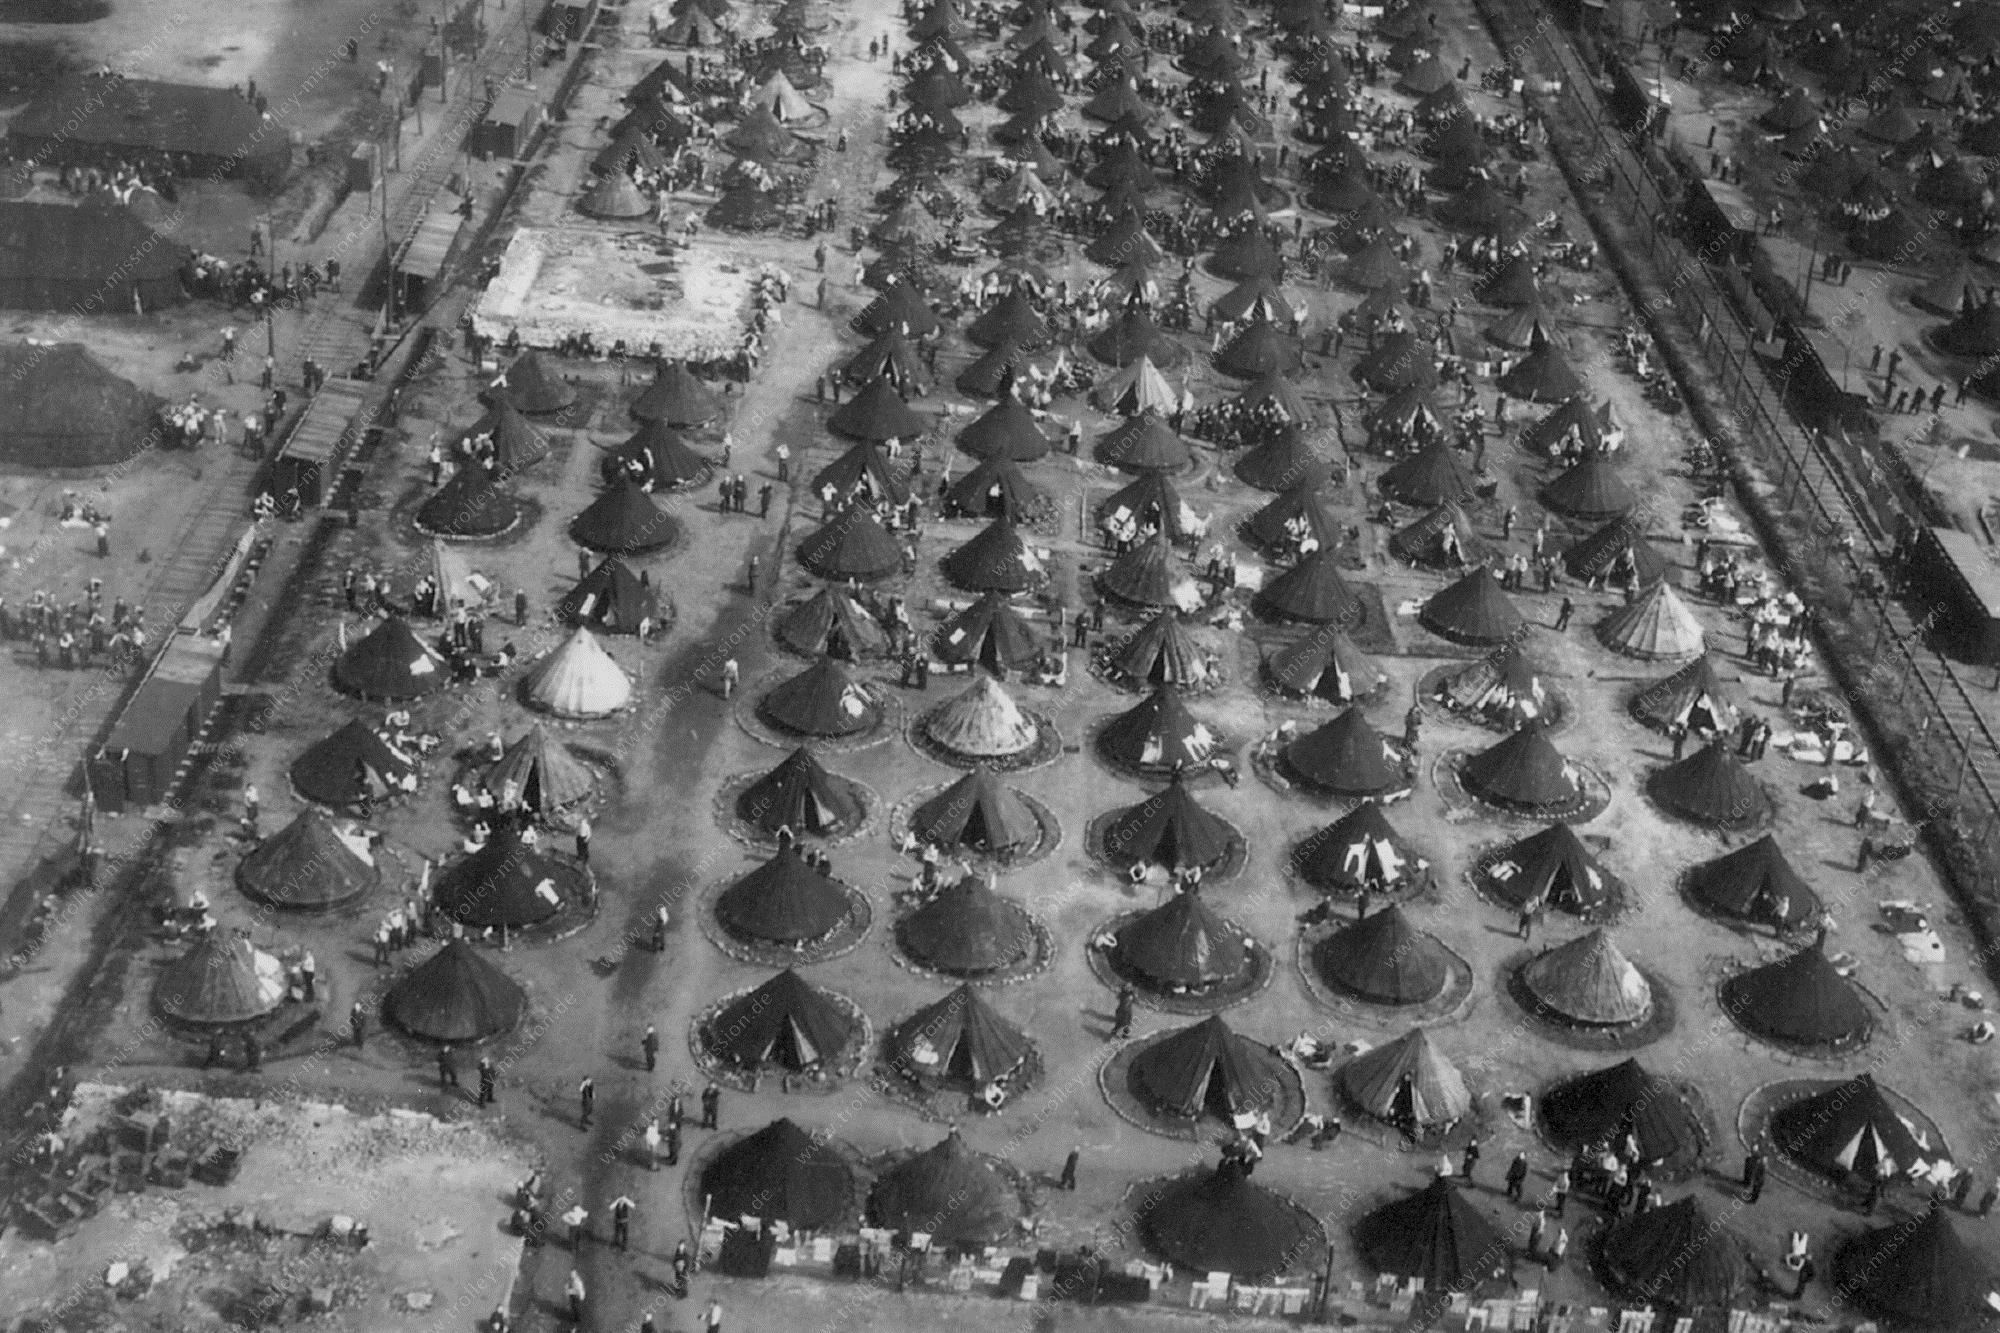 Kriegsgefangenenlager Zedelgem - Luftbild im Mai 1945 (Belgien)